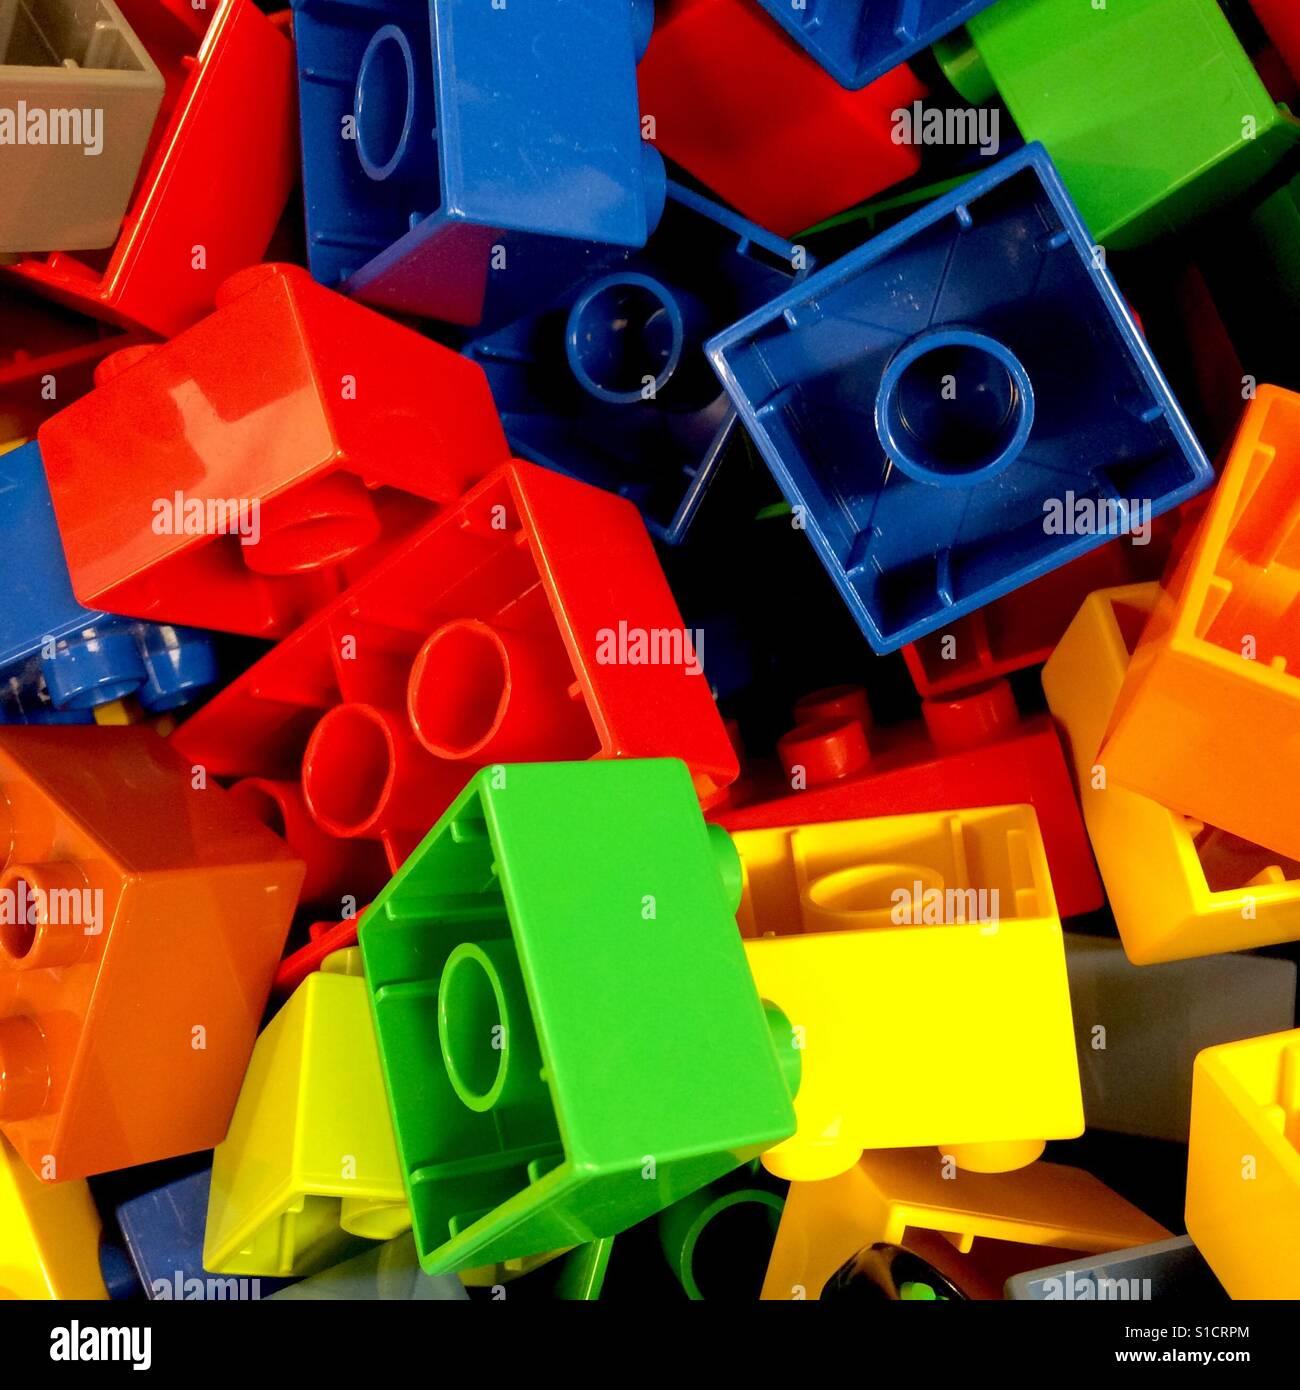 Lego blocks - Stock Image